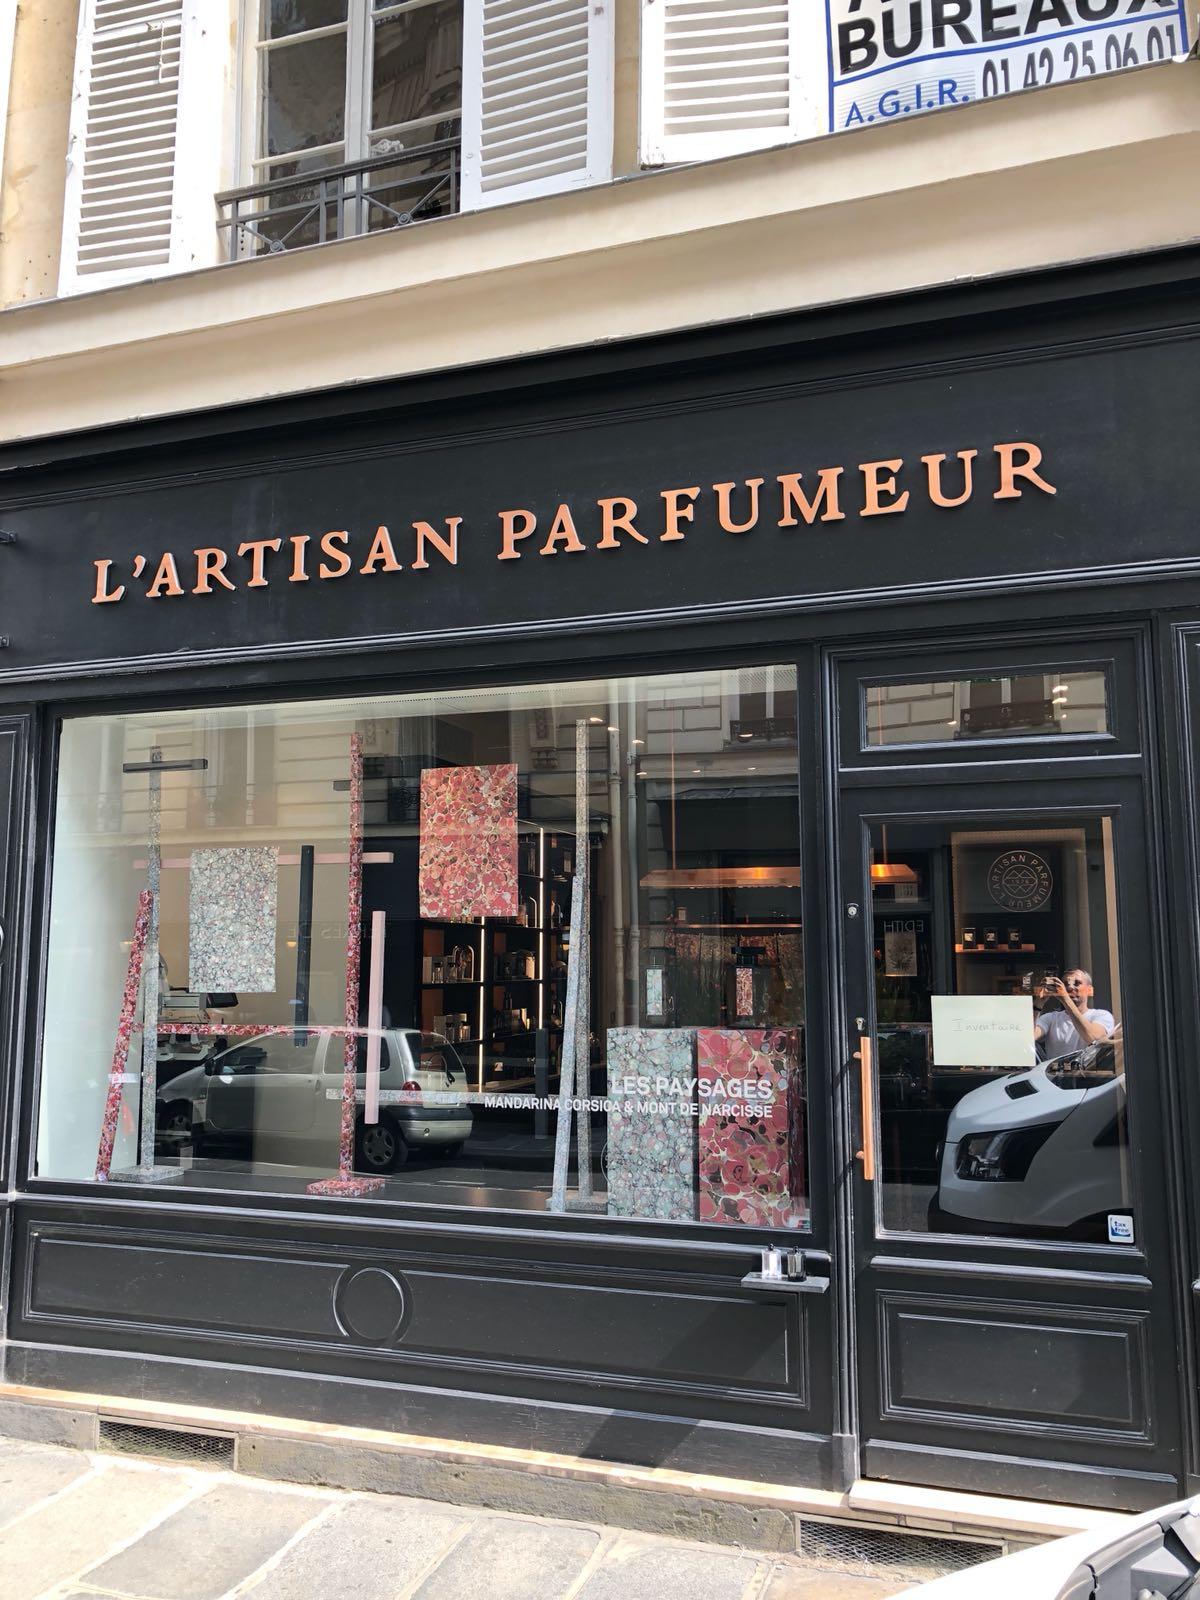 L'artisan parfumer window display at Vignon Store